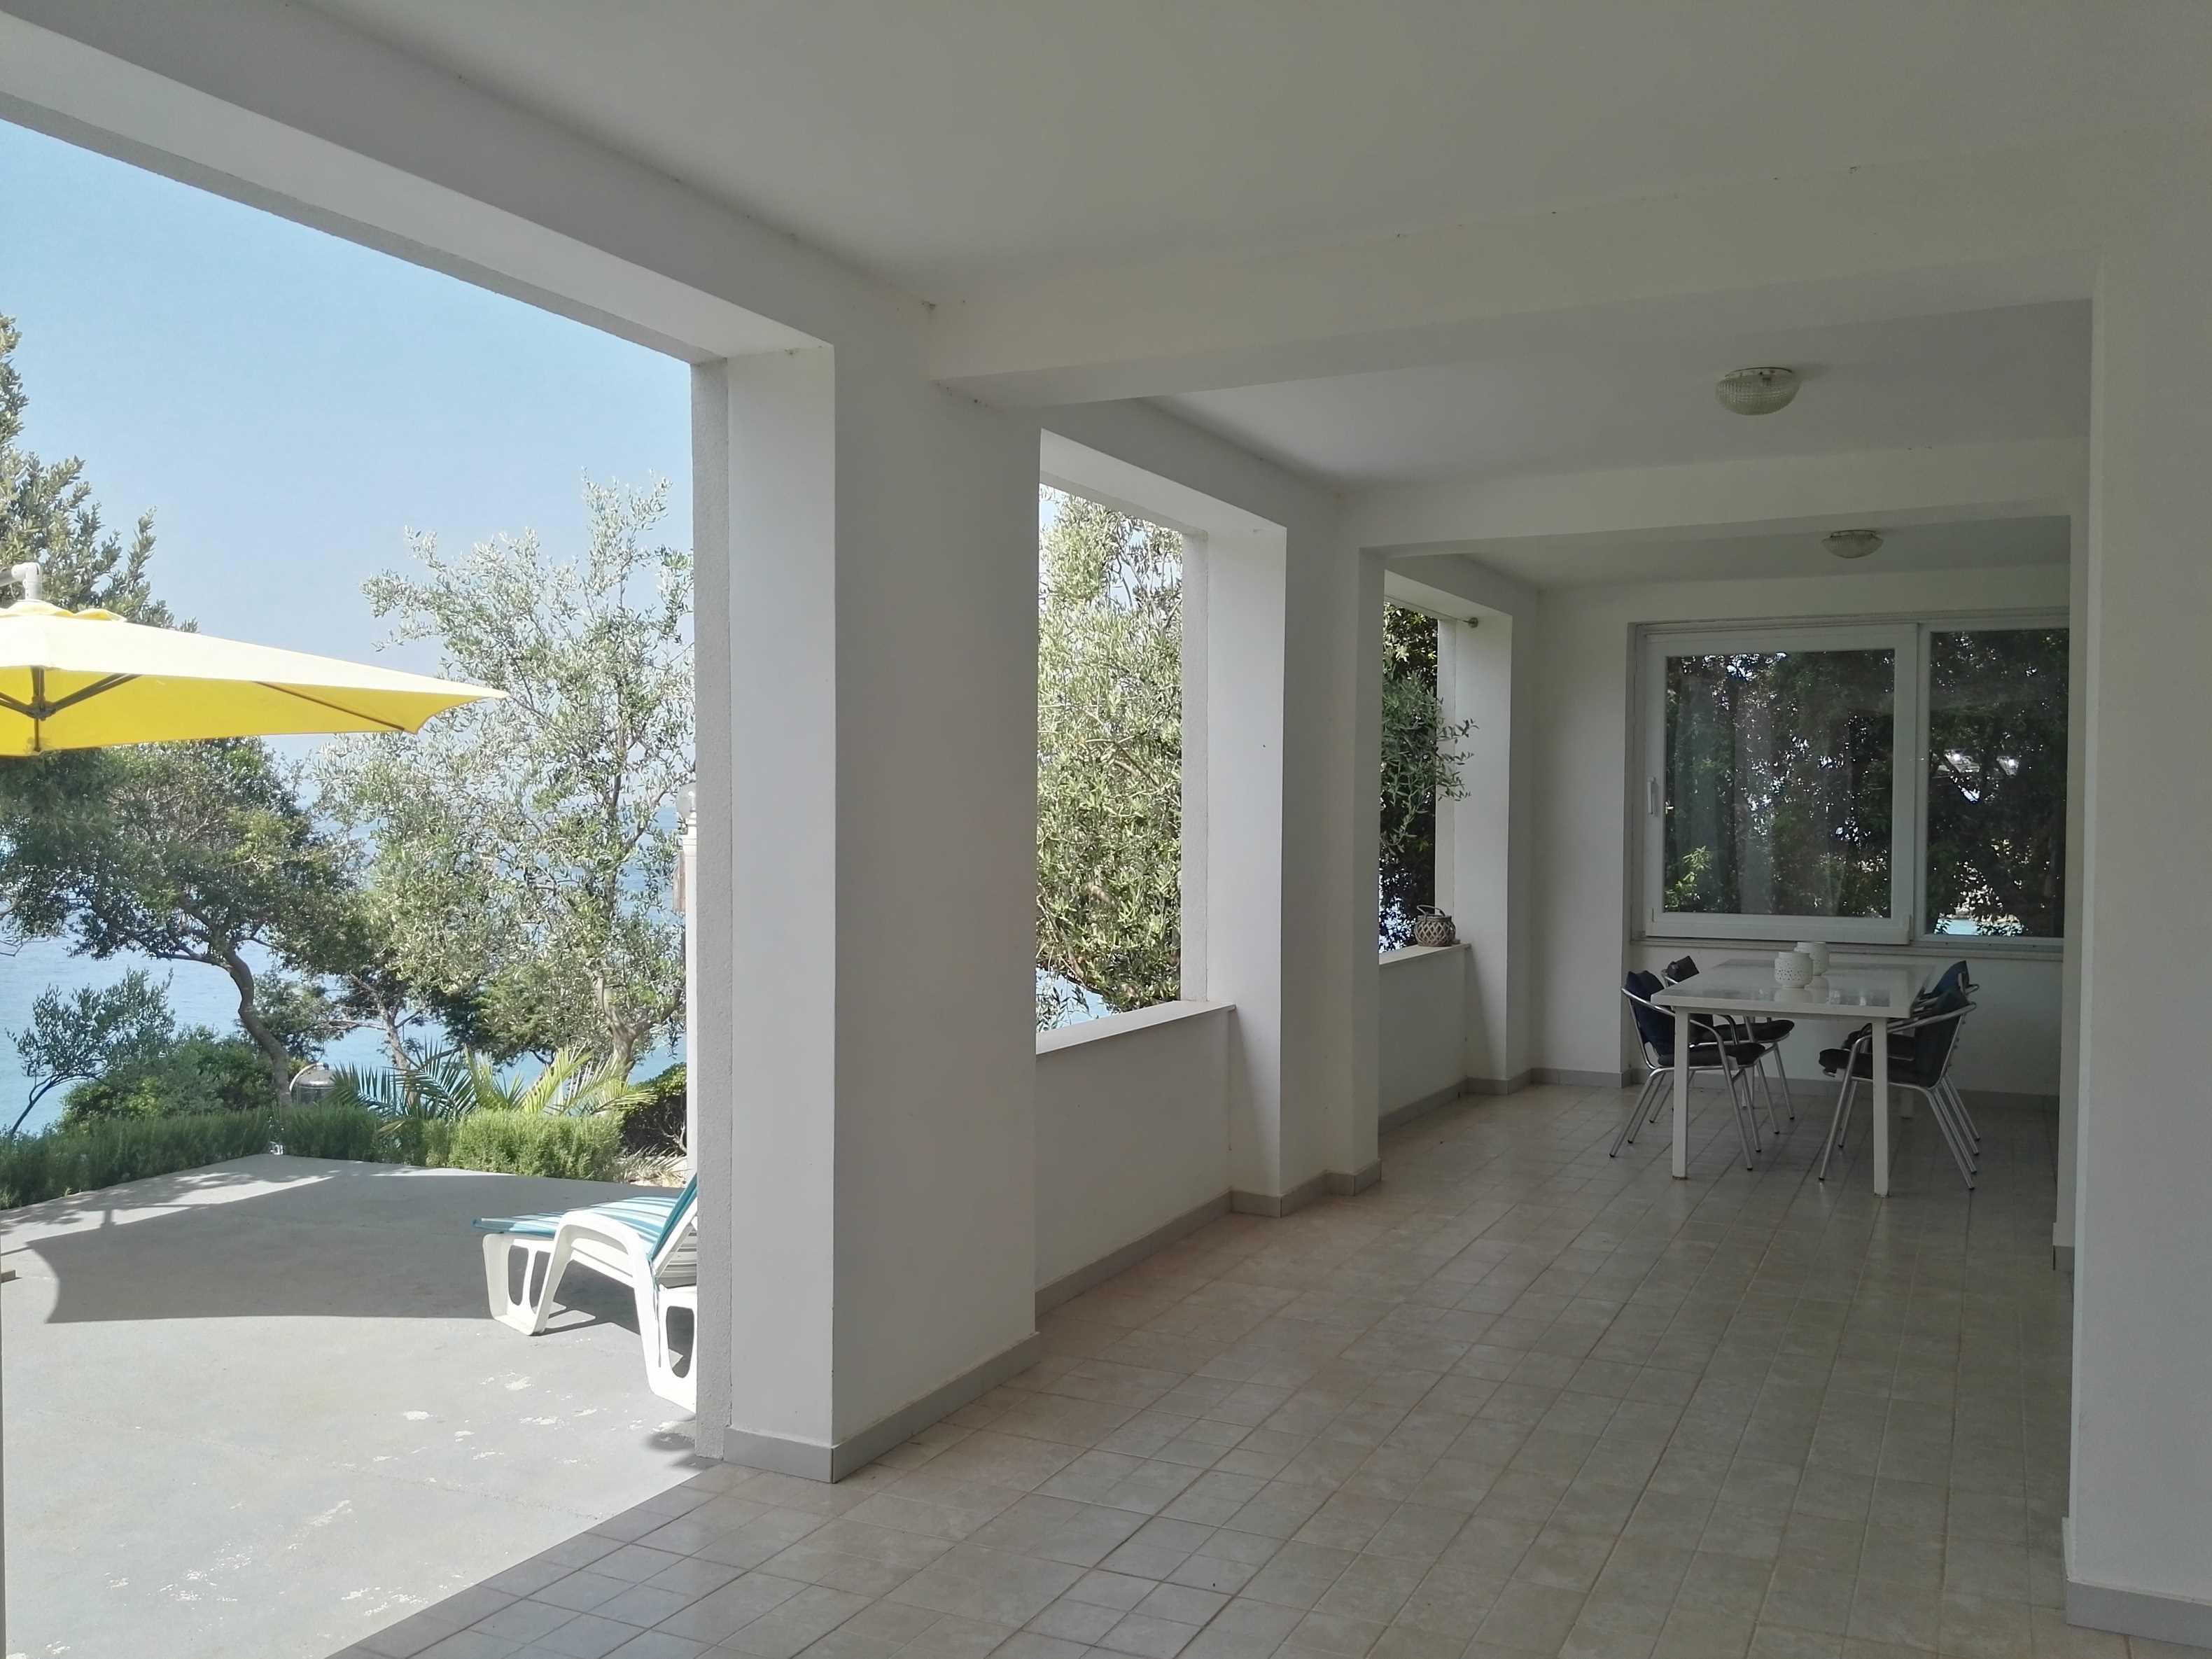 Apartmani Adriatic 30297, Potočnica, Pag, Zadarska županija